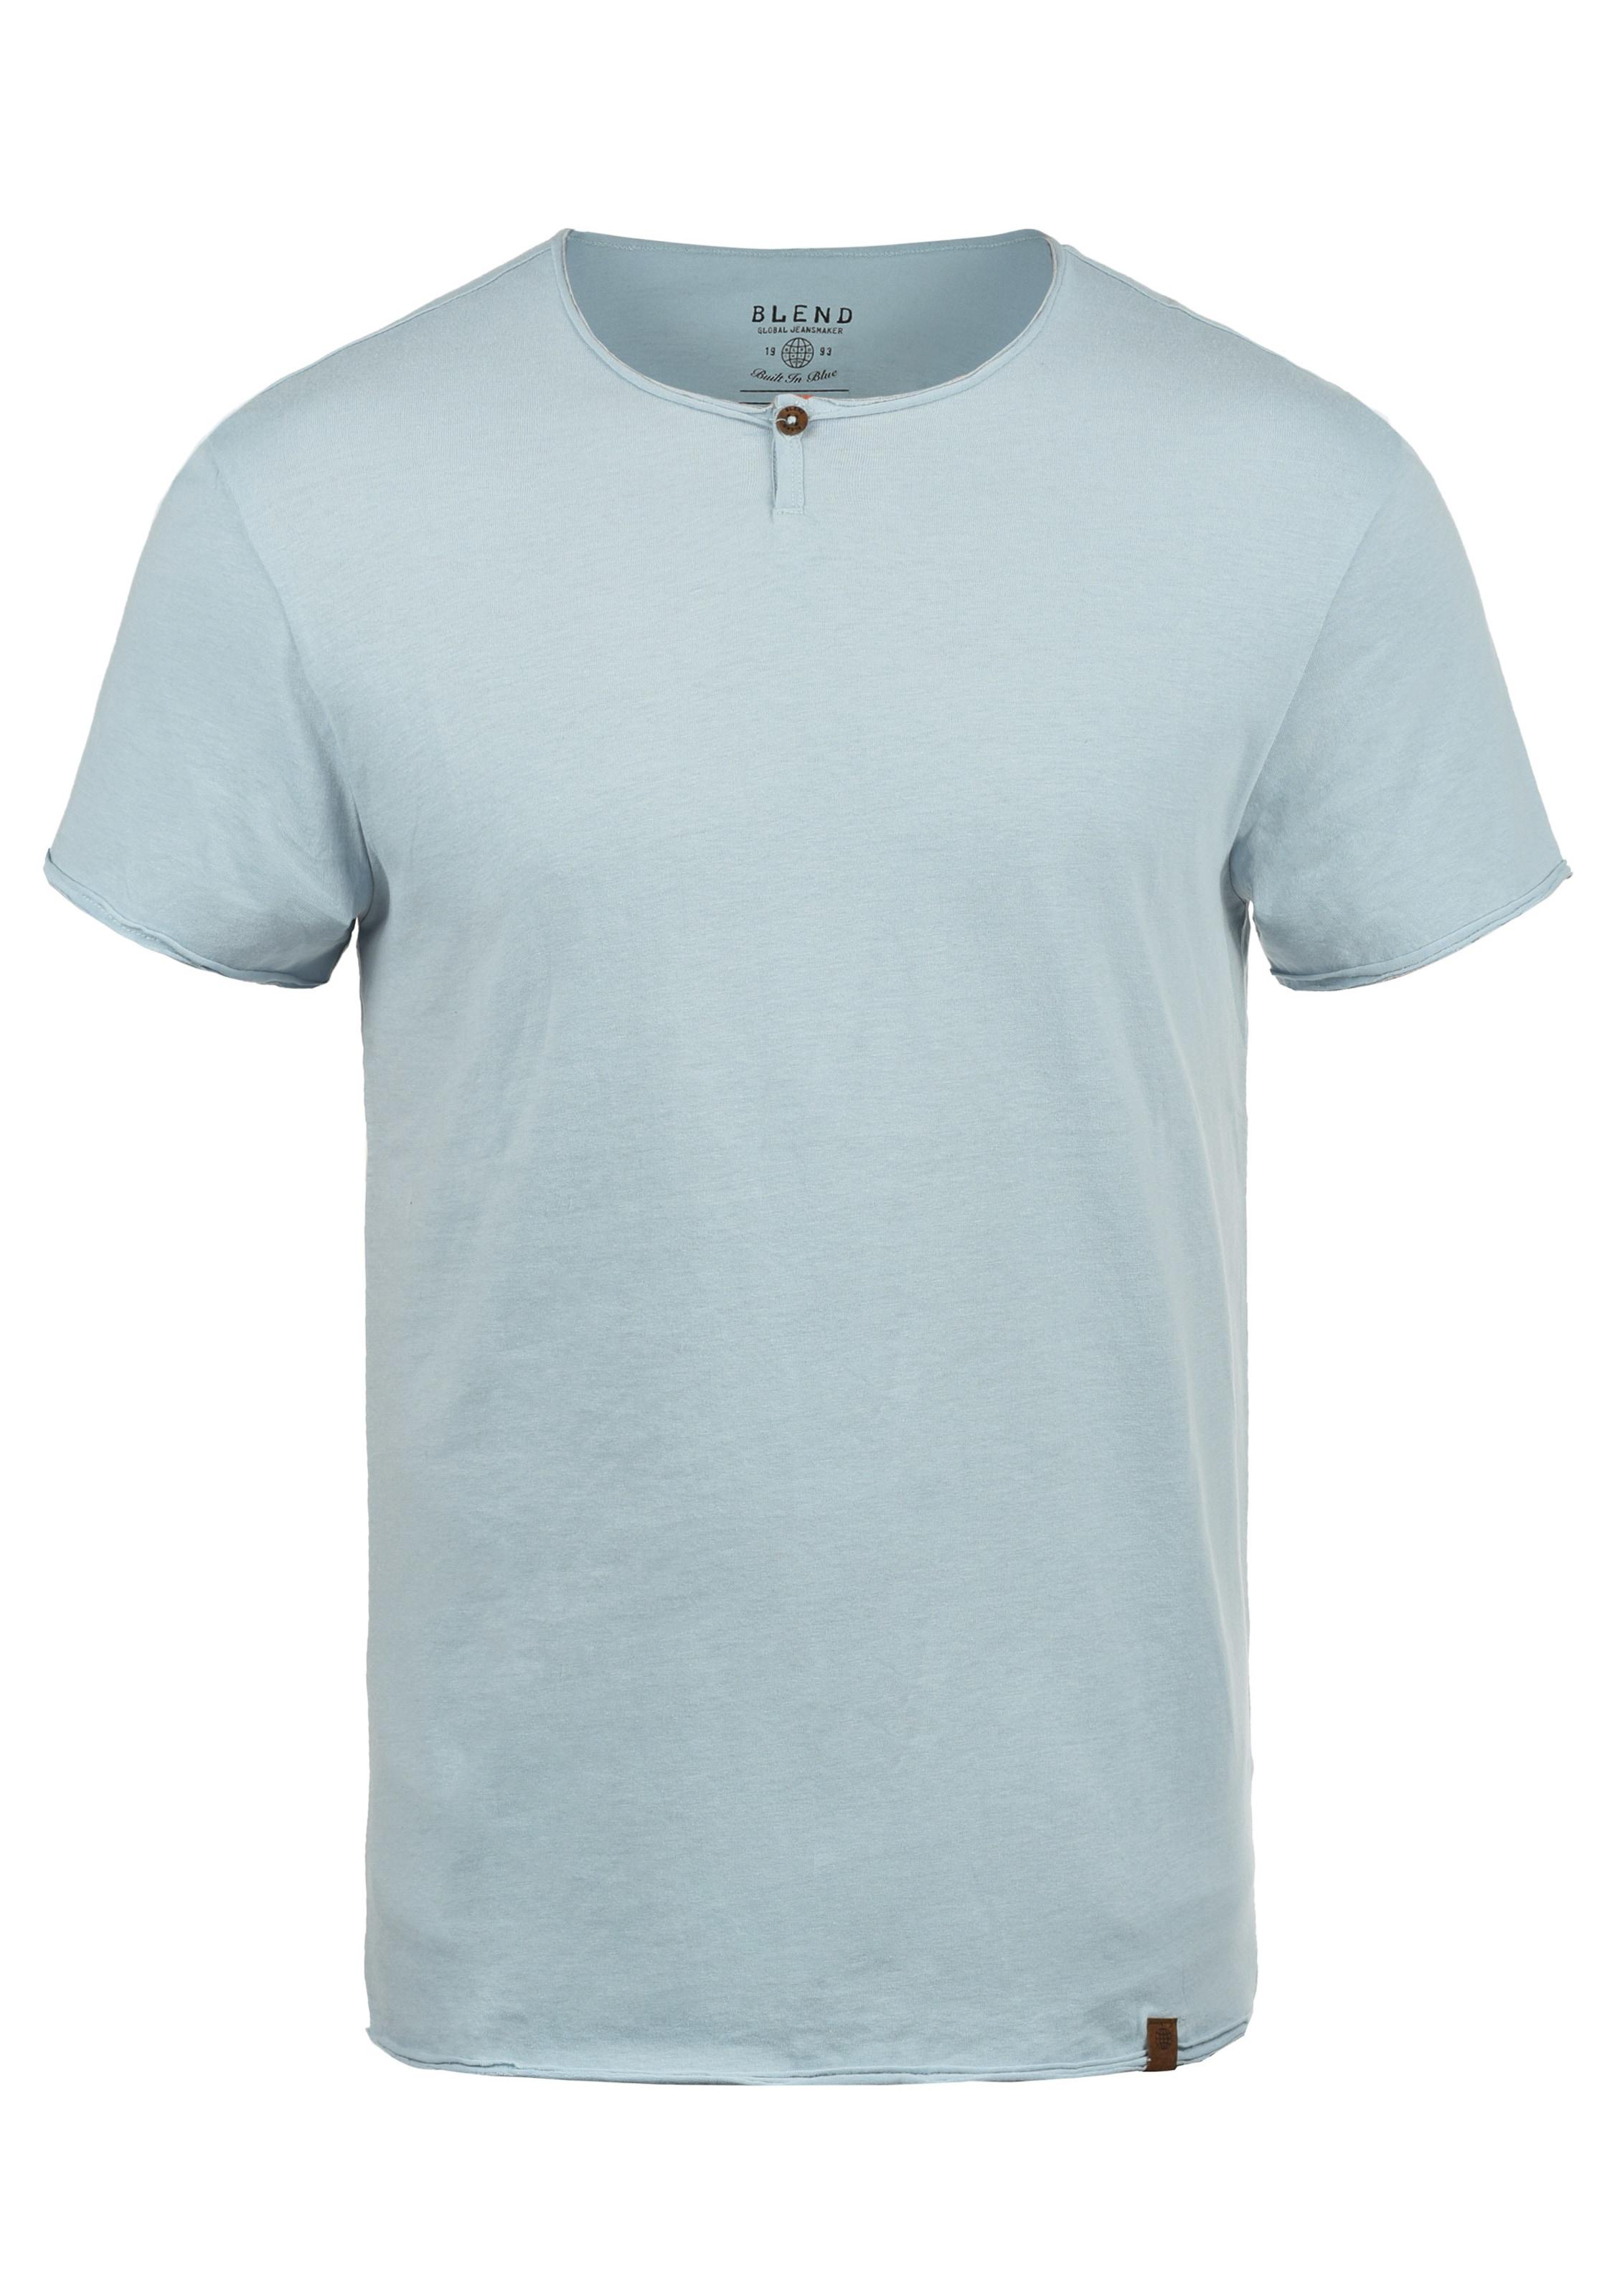 'ireto' Rundhalsshirt Rundhalsshirt BlauHellblau 'ireto' Blend Blend In UMpqSVGzL